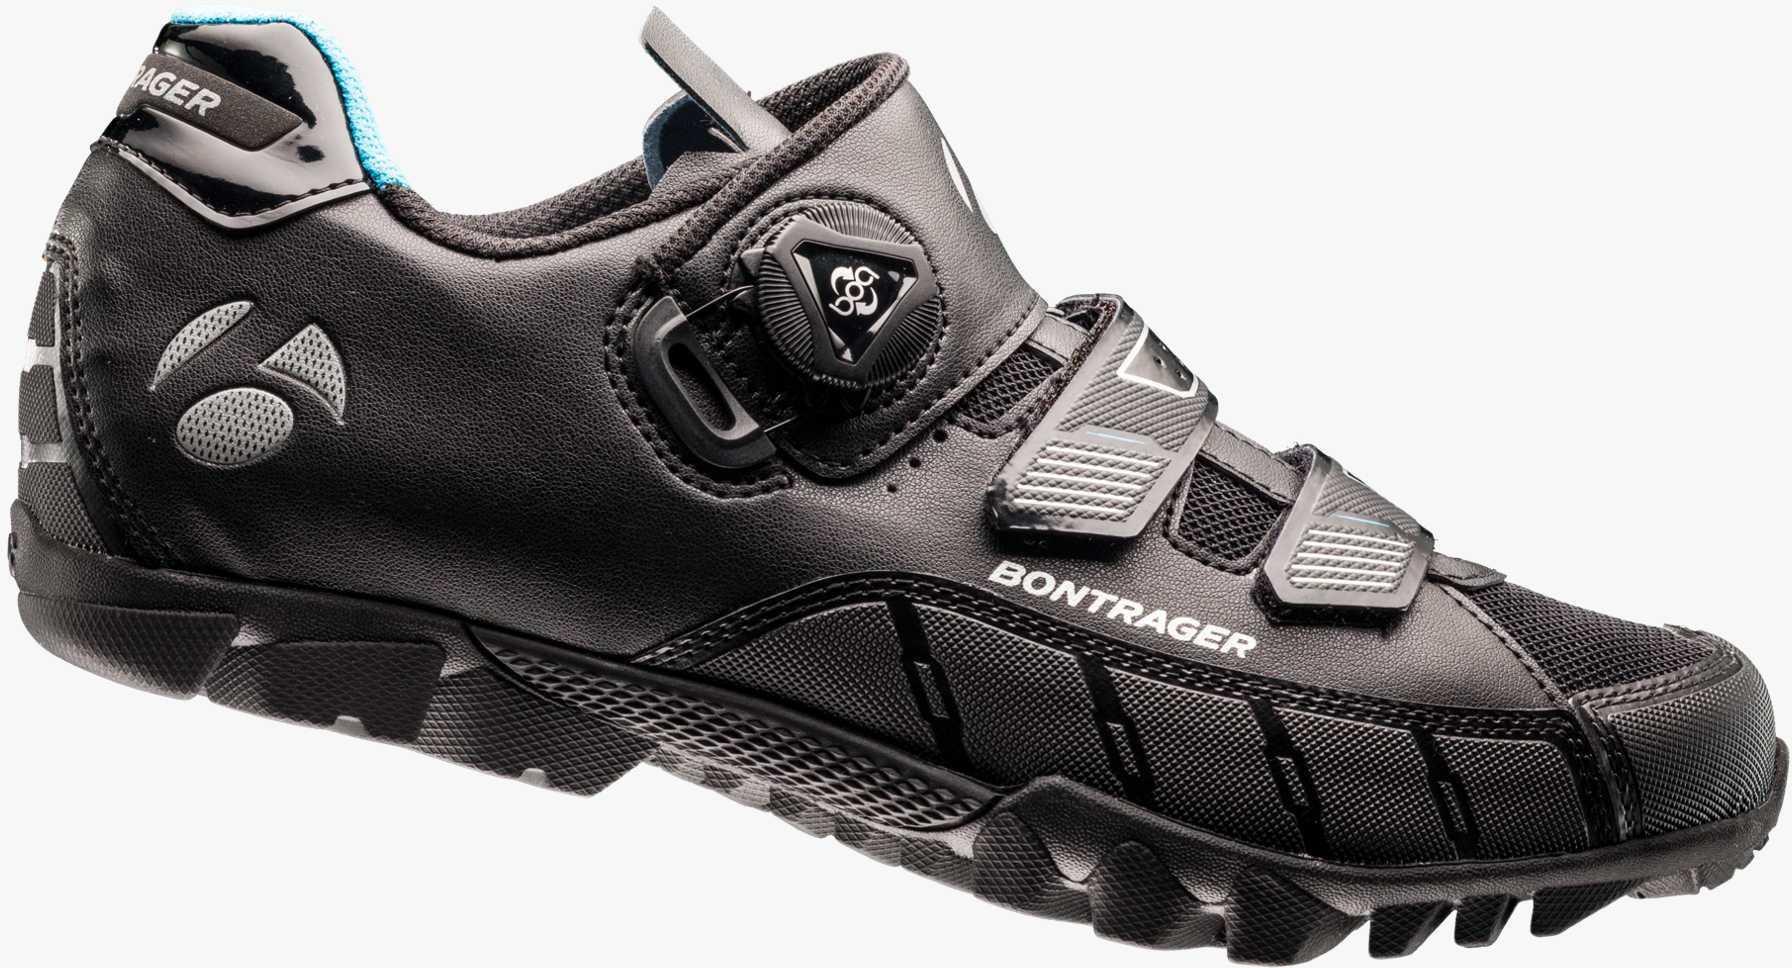 SKO BONTRAGER IGNEO dame SORT | Shoes and overlays